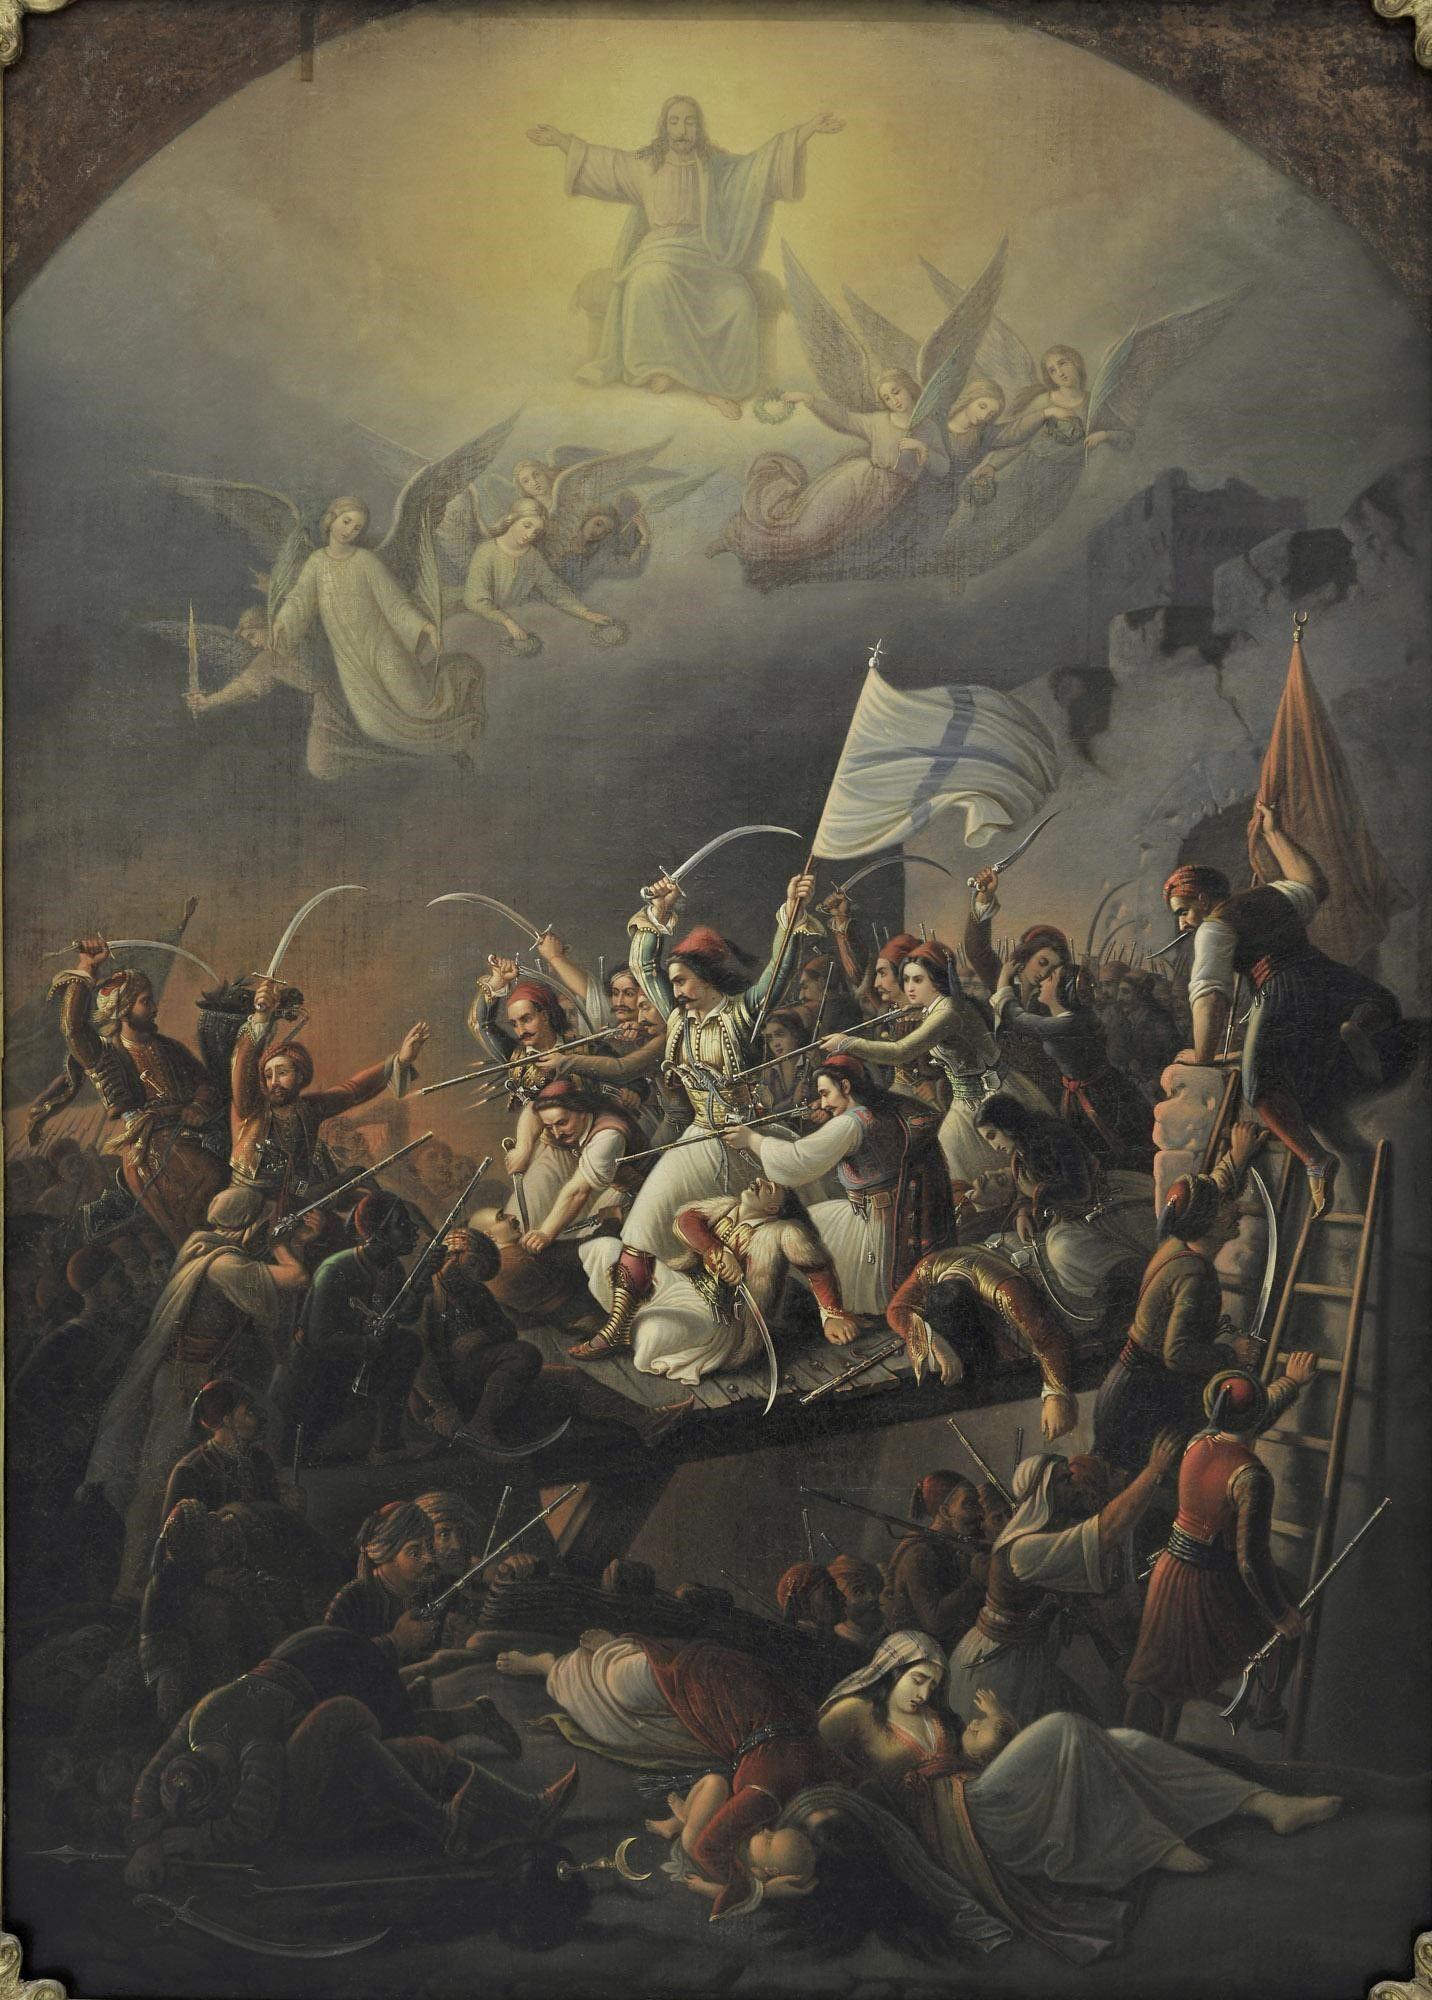 Αφιέρωμα στην ελληνική επανάσταση 1821,Εθνική Πινακοθήκη